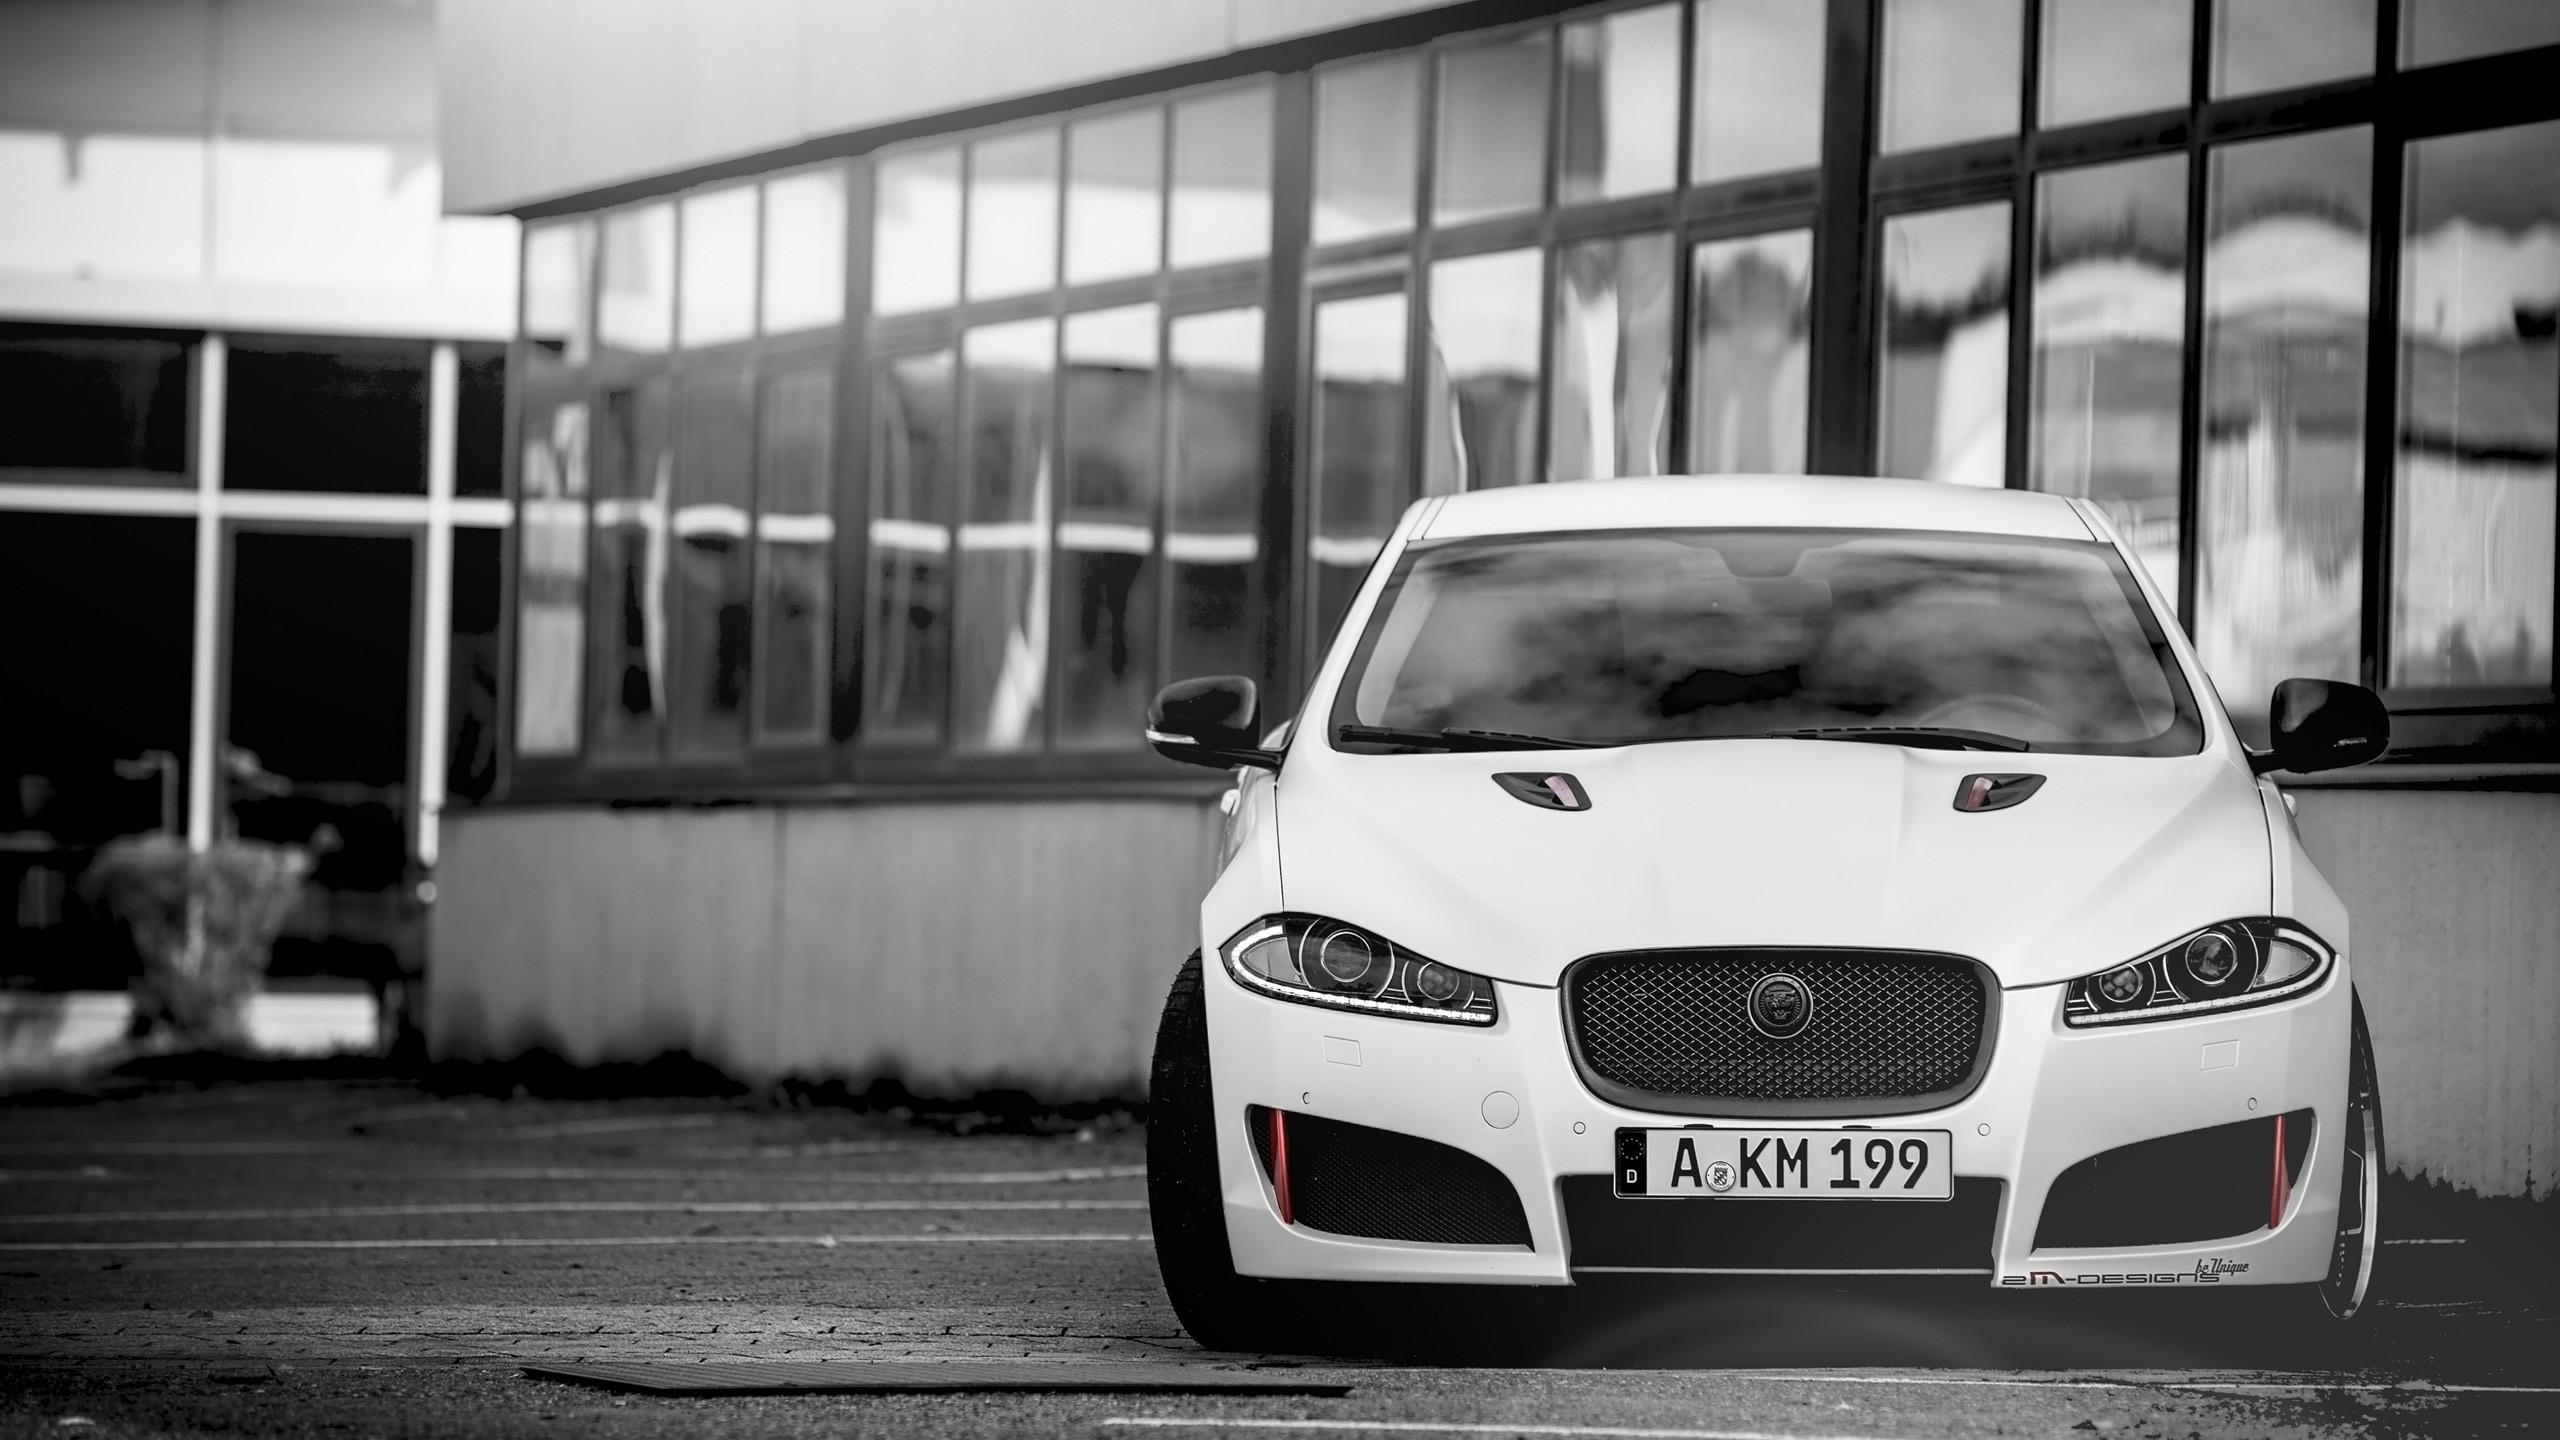 2018 Jaguar F Type >> 2M Designs Jaguar XF Wallpaper   HD Car Wallpapers   ID #4052